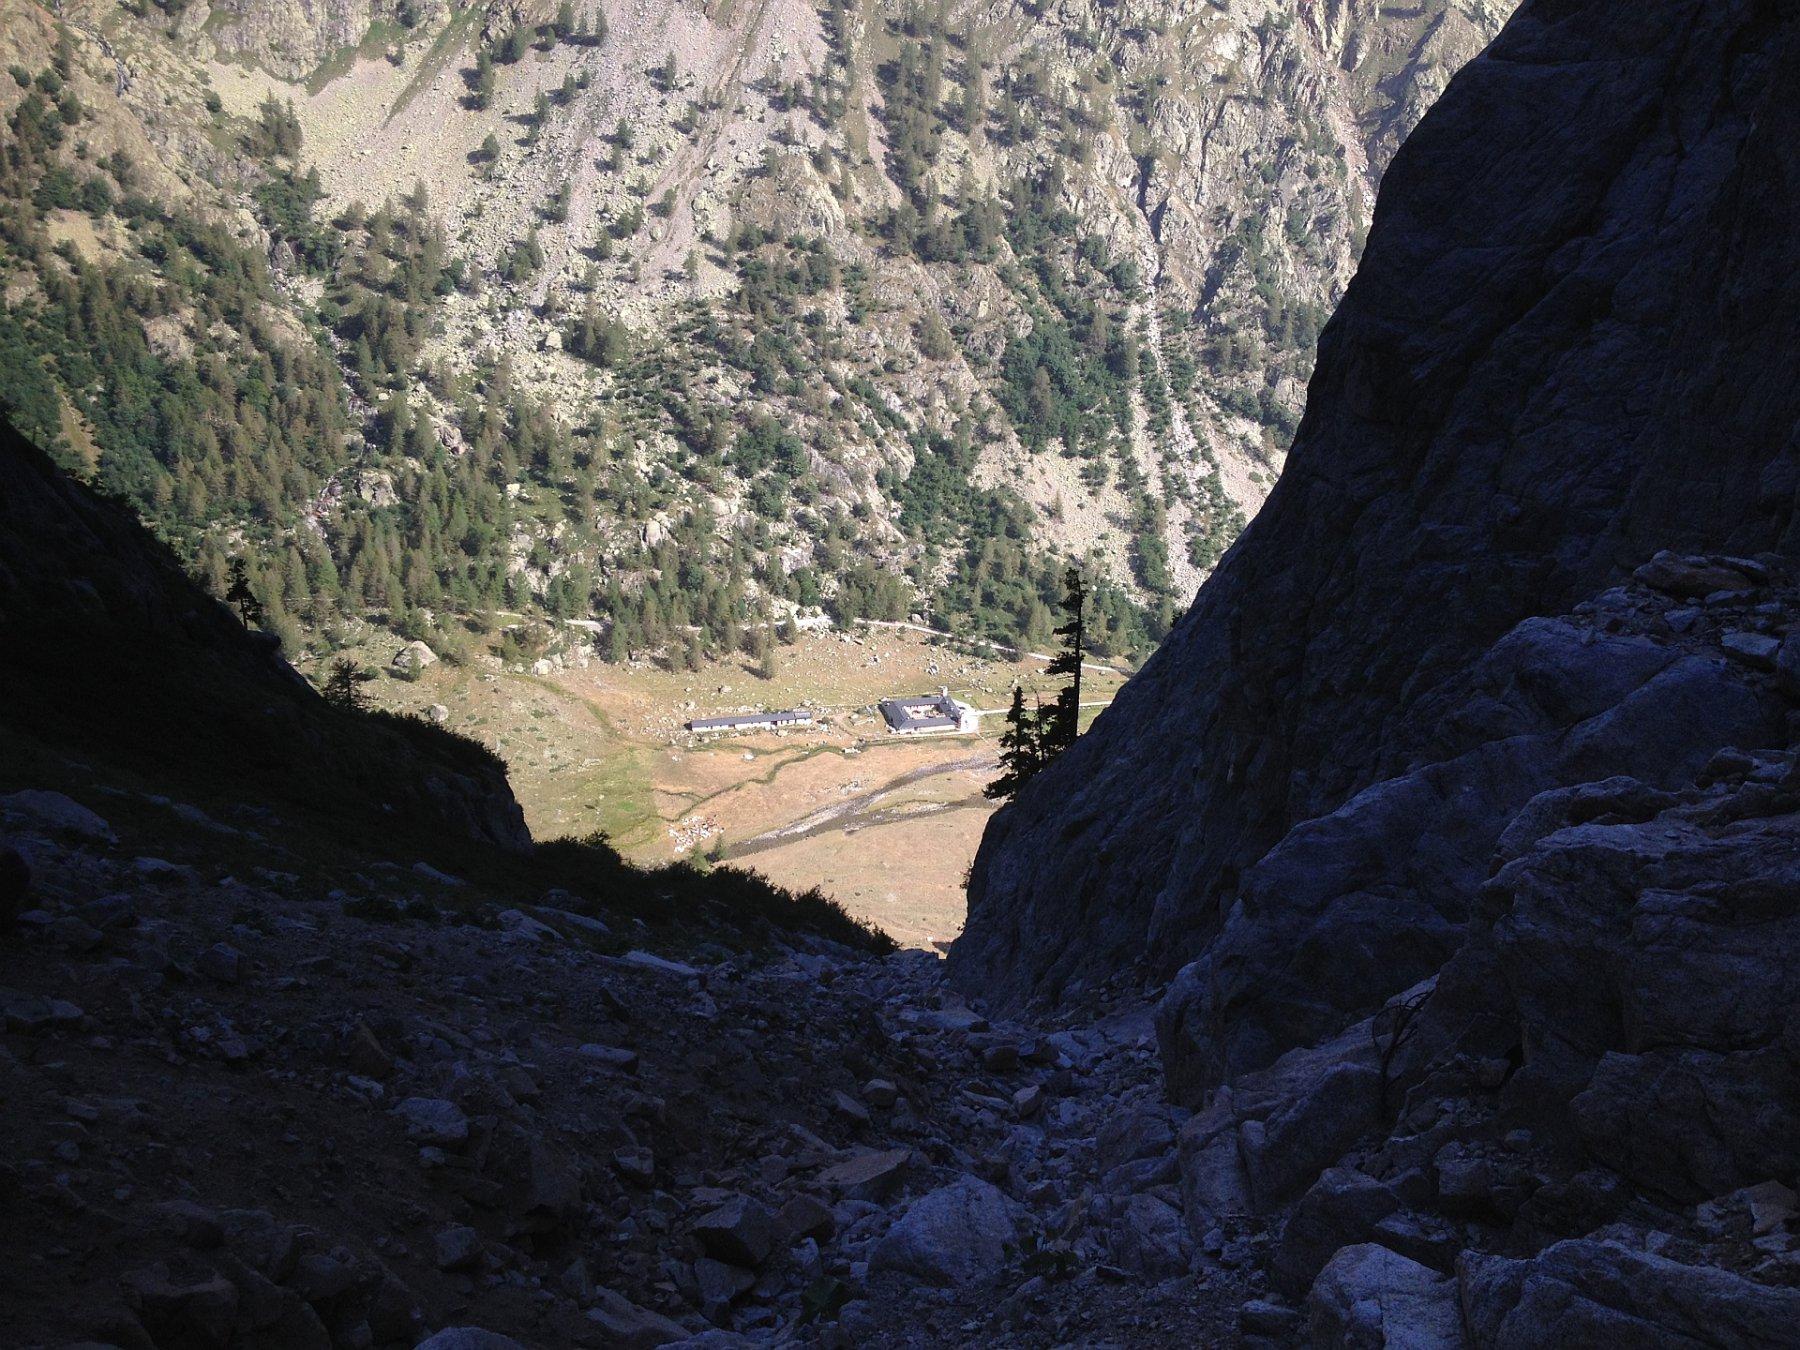 Il canale di avvicinamento col rifugio Valasco sullo sfondo.